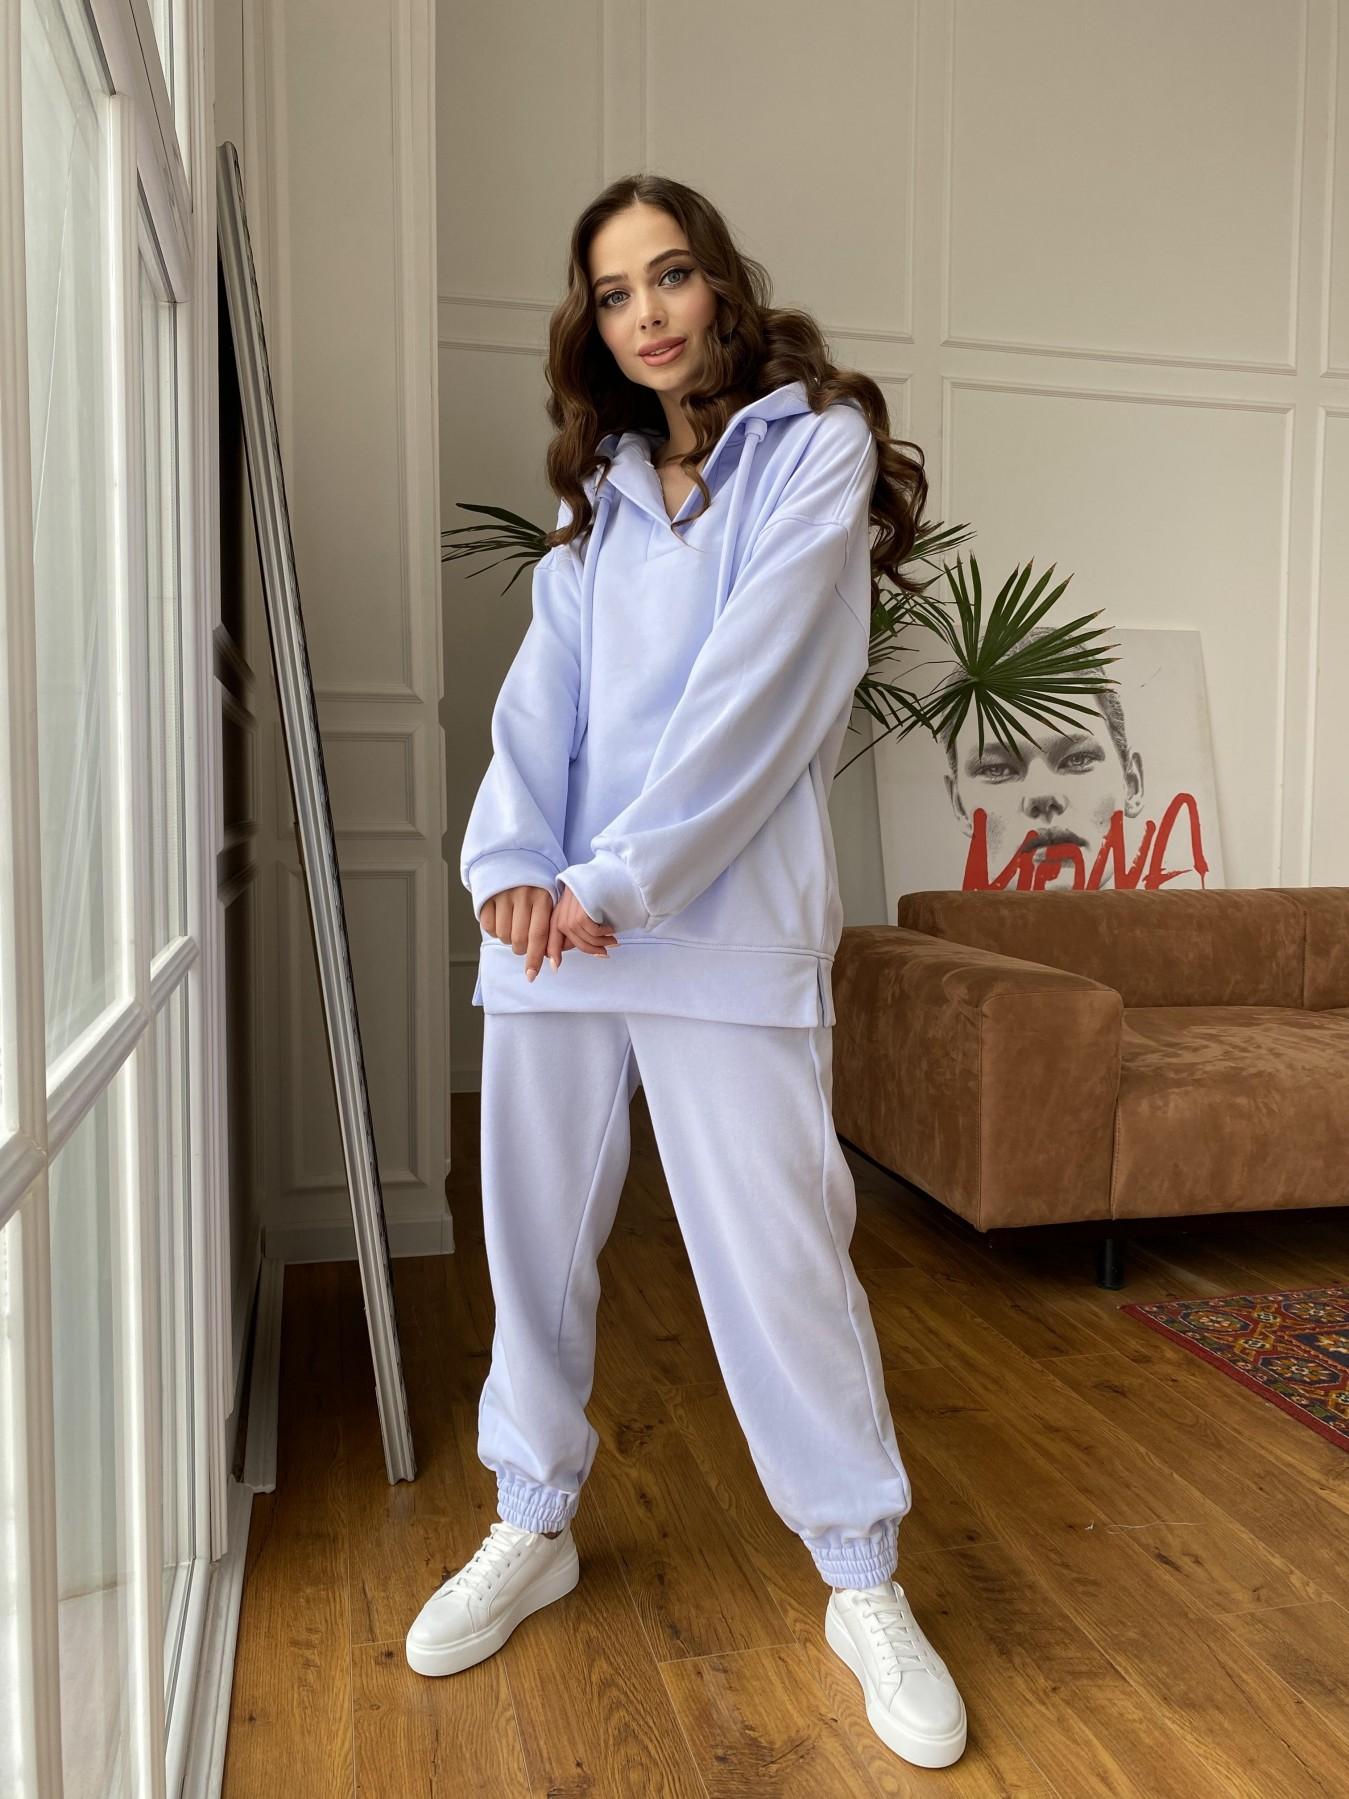 Ярис костюм из 3х нитки 10789 АРТ. 47636 Цвет: Голубой Светлый - фото 2, интернет магазин tm-modus.ru